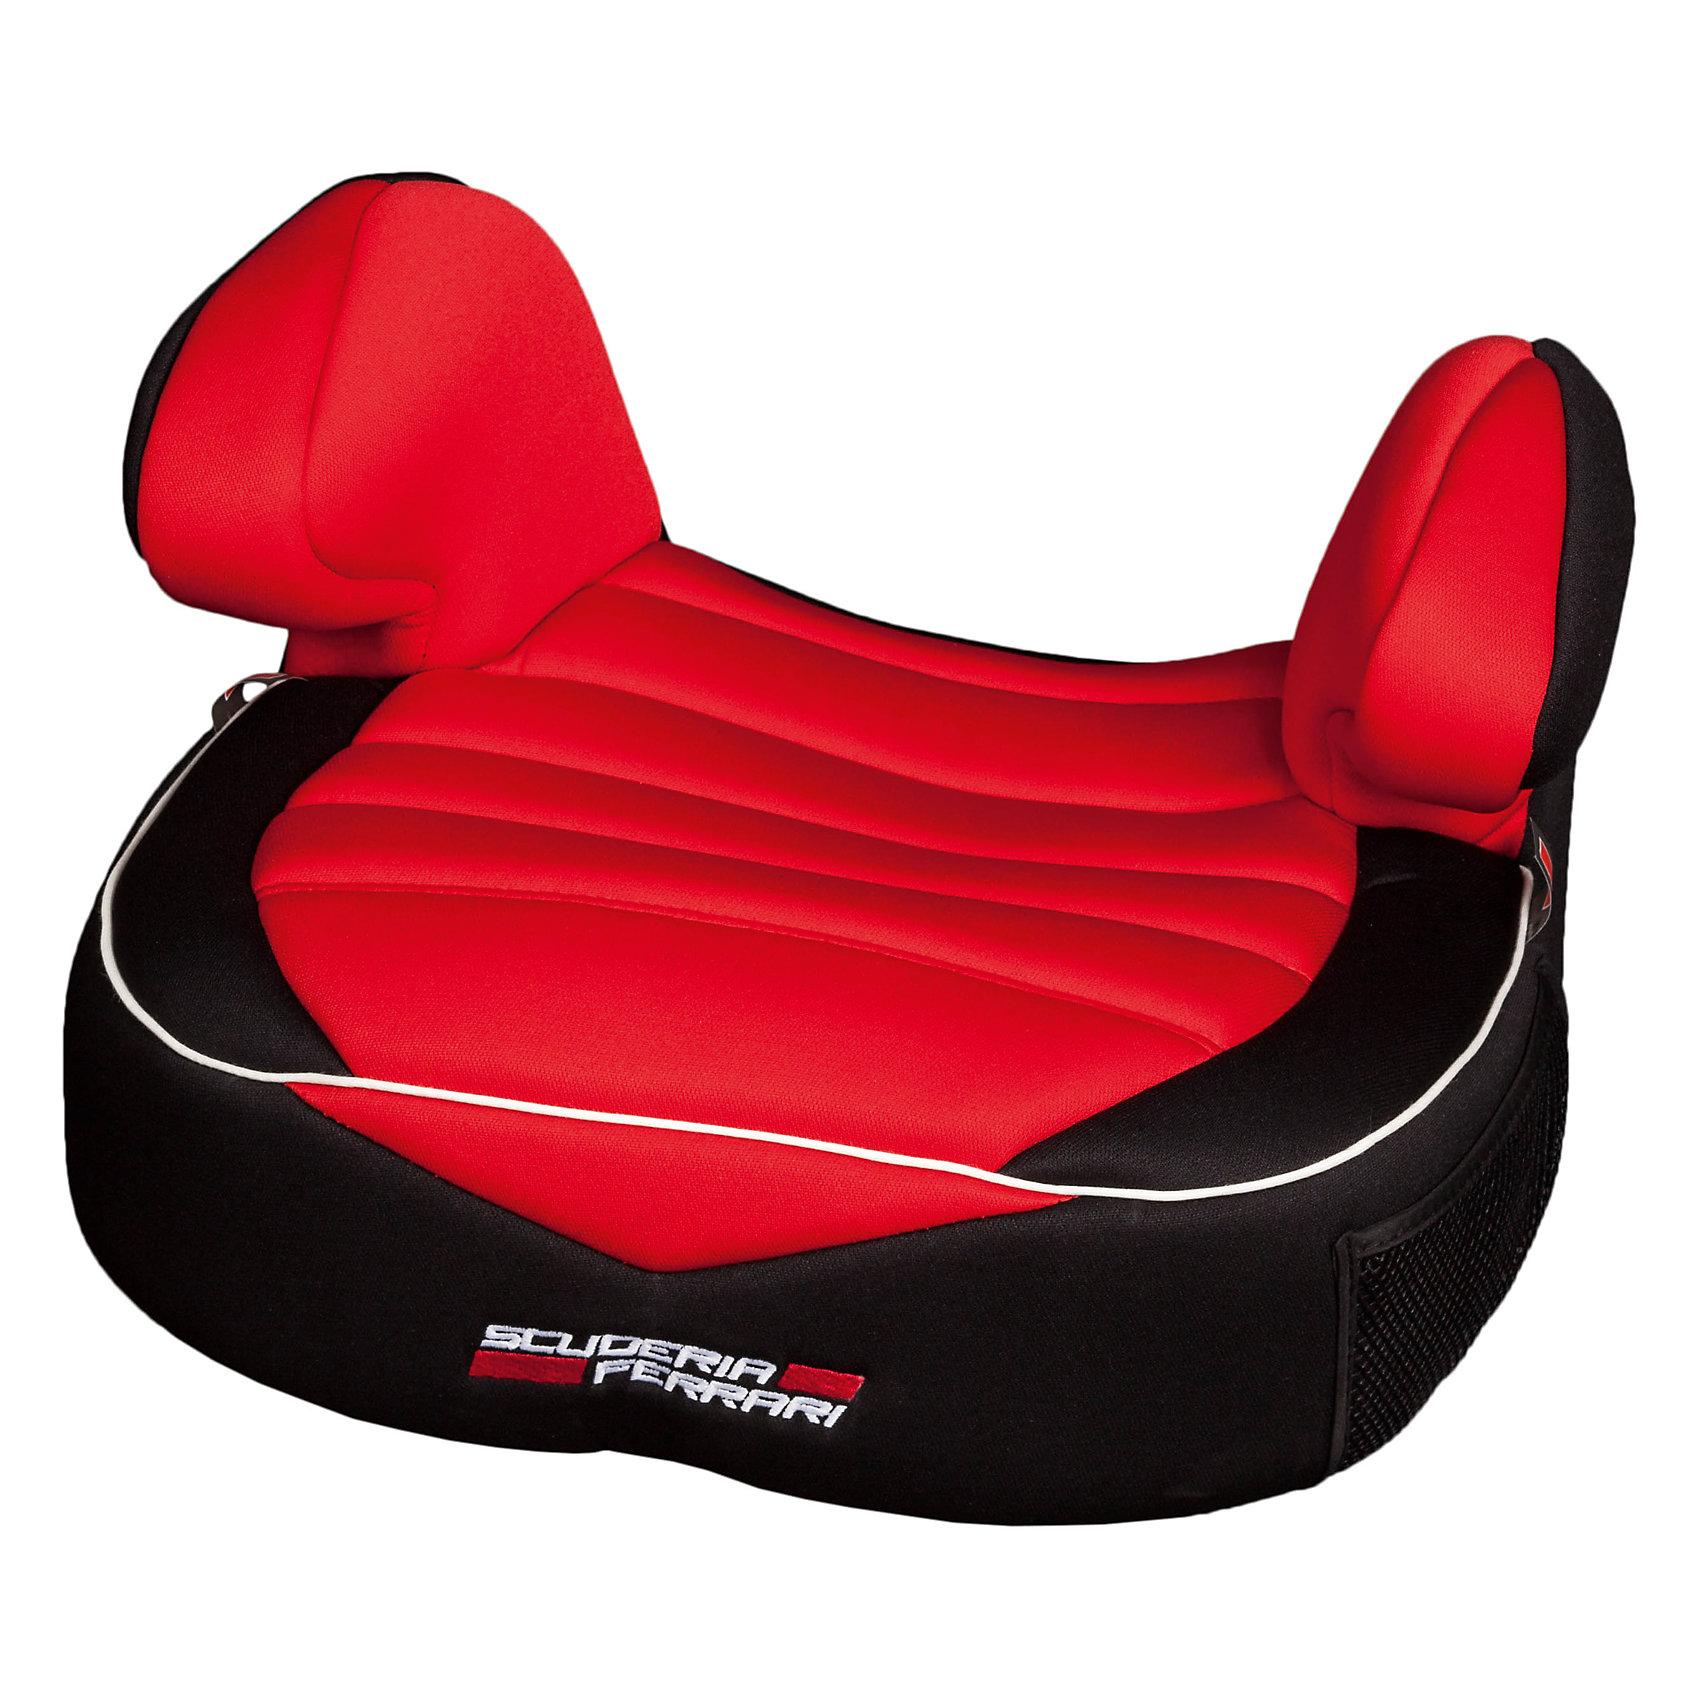 Автокресло Nania Dream 15-36 кг, corsa ferrariГруппа 2-3 (От 15 до 36 кг)<br>Характеристики:<br><br>• группа: 2/3;<br>• вес ребенка: 15-36 кг;<br>• способ установки: по ходу движения;<br>• способ крепления: штатные ремни безопасности автомобиля;<br>• функция бустера;<br>• размер: 43х41х26 см;<br>• вес: 1,43 кг.<br><br>Детское автокресло-бустер устанавливается на заднем сидении автомобиля или на переднем сидении, если отключена подушка безопасности. Бустер оснащен подлокотниками, поднимает ребенка над уровнем стандартного автомобильного сидения с целью правильно зафиксировать ремни безопасности. <br><br>Автокресло Dream, 15-36кг, Nania, corsa ferrari можно купить в нашем интернет-магазине.<br><br>Ширина мм: 430<br>Глубина мм: 410<br>Высота мм: 260<br>Вес г: 1430<br>Возраст от месяцев: 60<br>Возраст до месяцев: 144<br>Пол: Унисекс<br>Возраст: Детский<br>SKU: 5569332